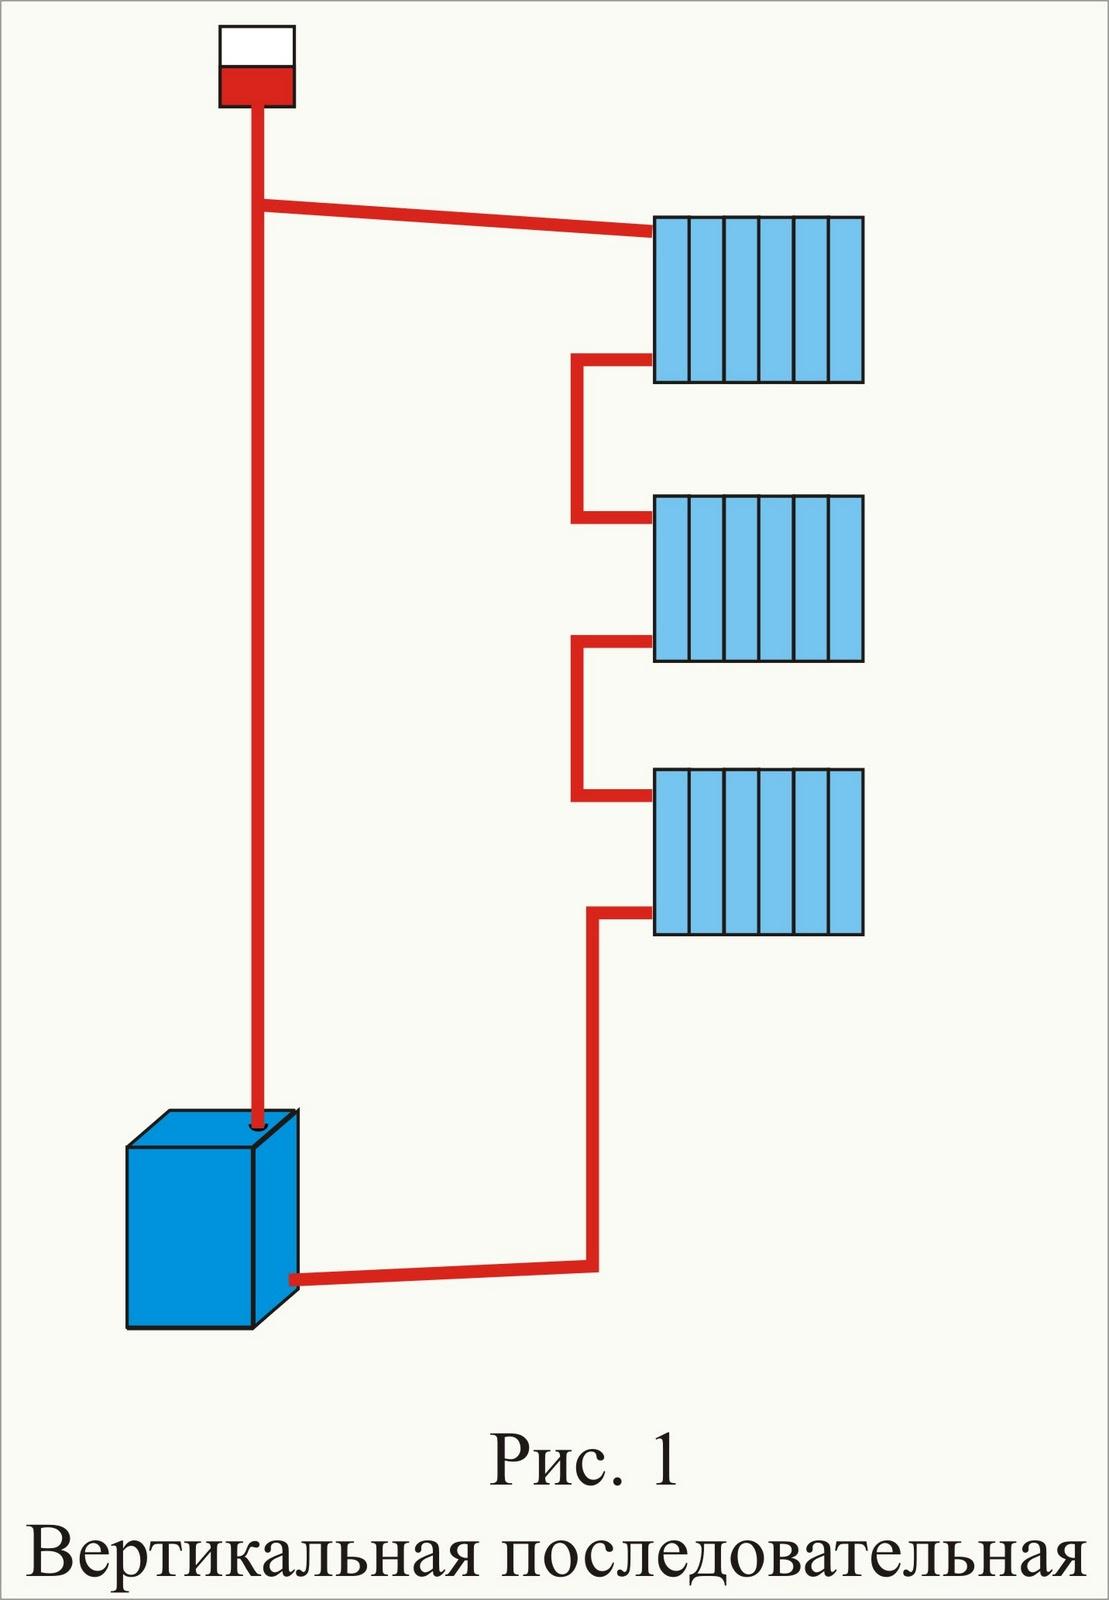 схема отопления однотрубная или двухтрубная какая лучше